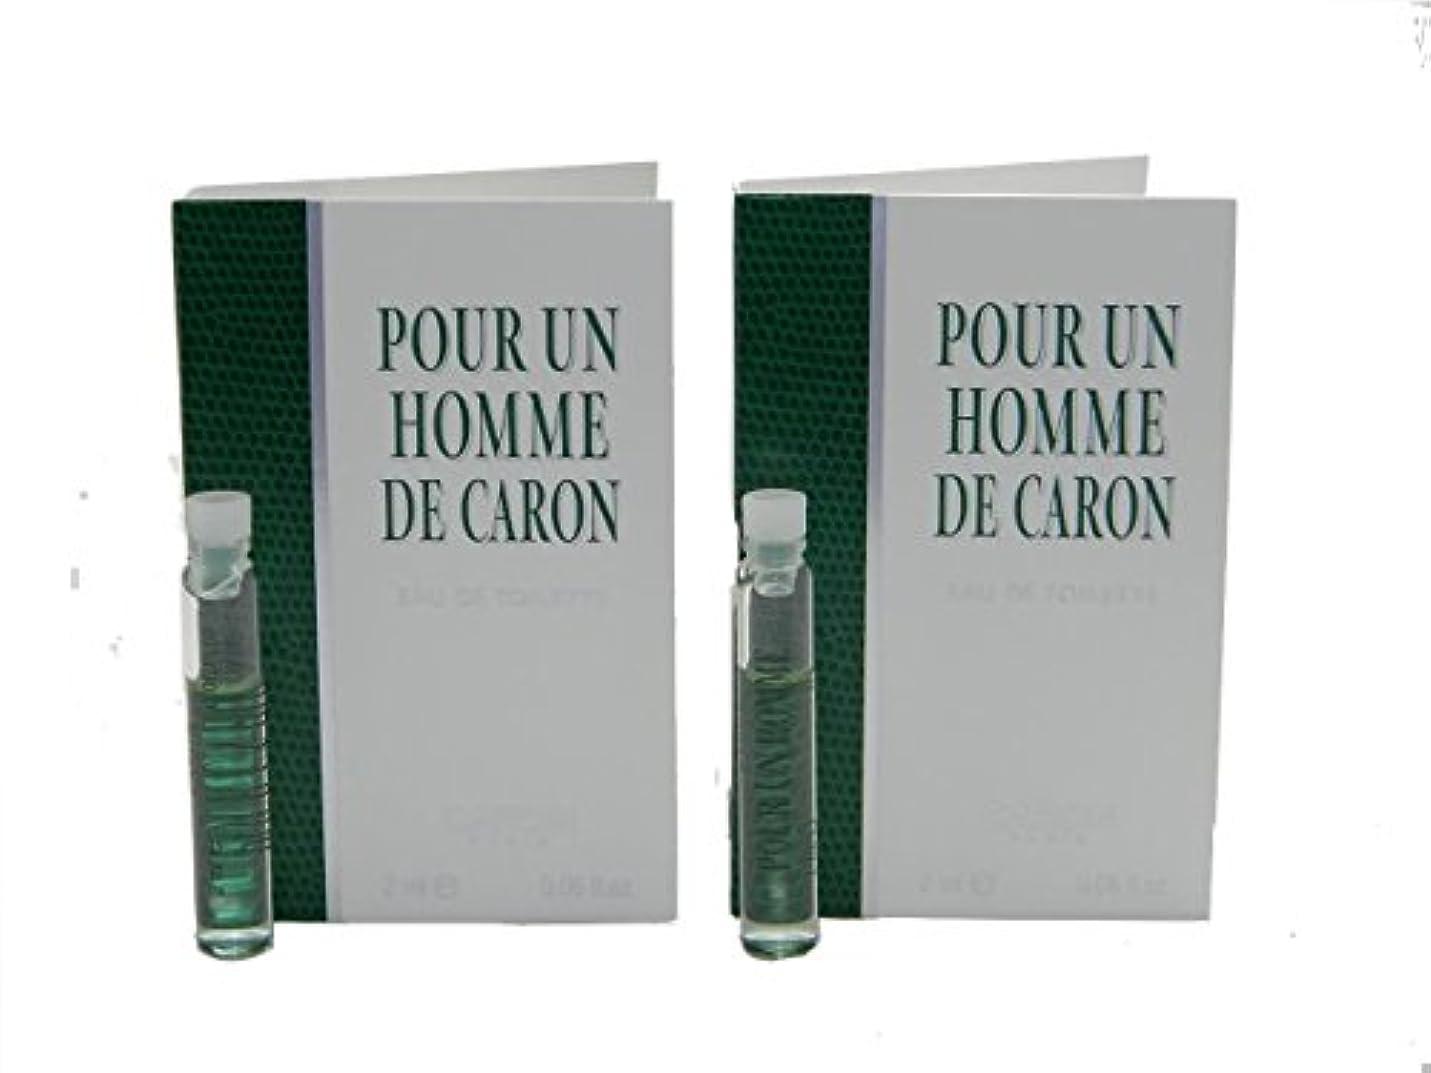 幽霊名誉あるグリルPour Un Homme De Caron EDT Vial Sample [Lot of 2](プール アン オム ド キャロン オードトワレ)2x2ml [並行輸入品]